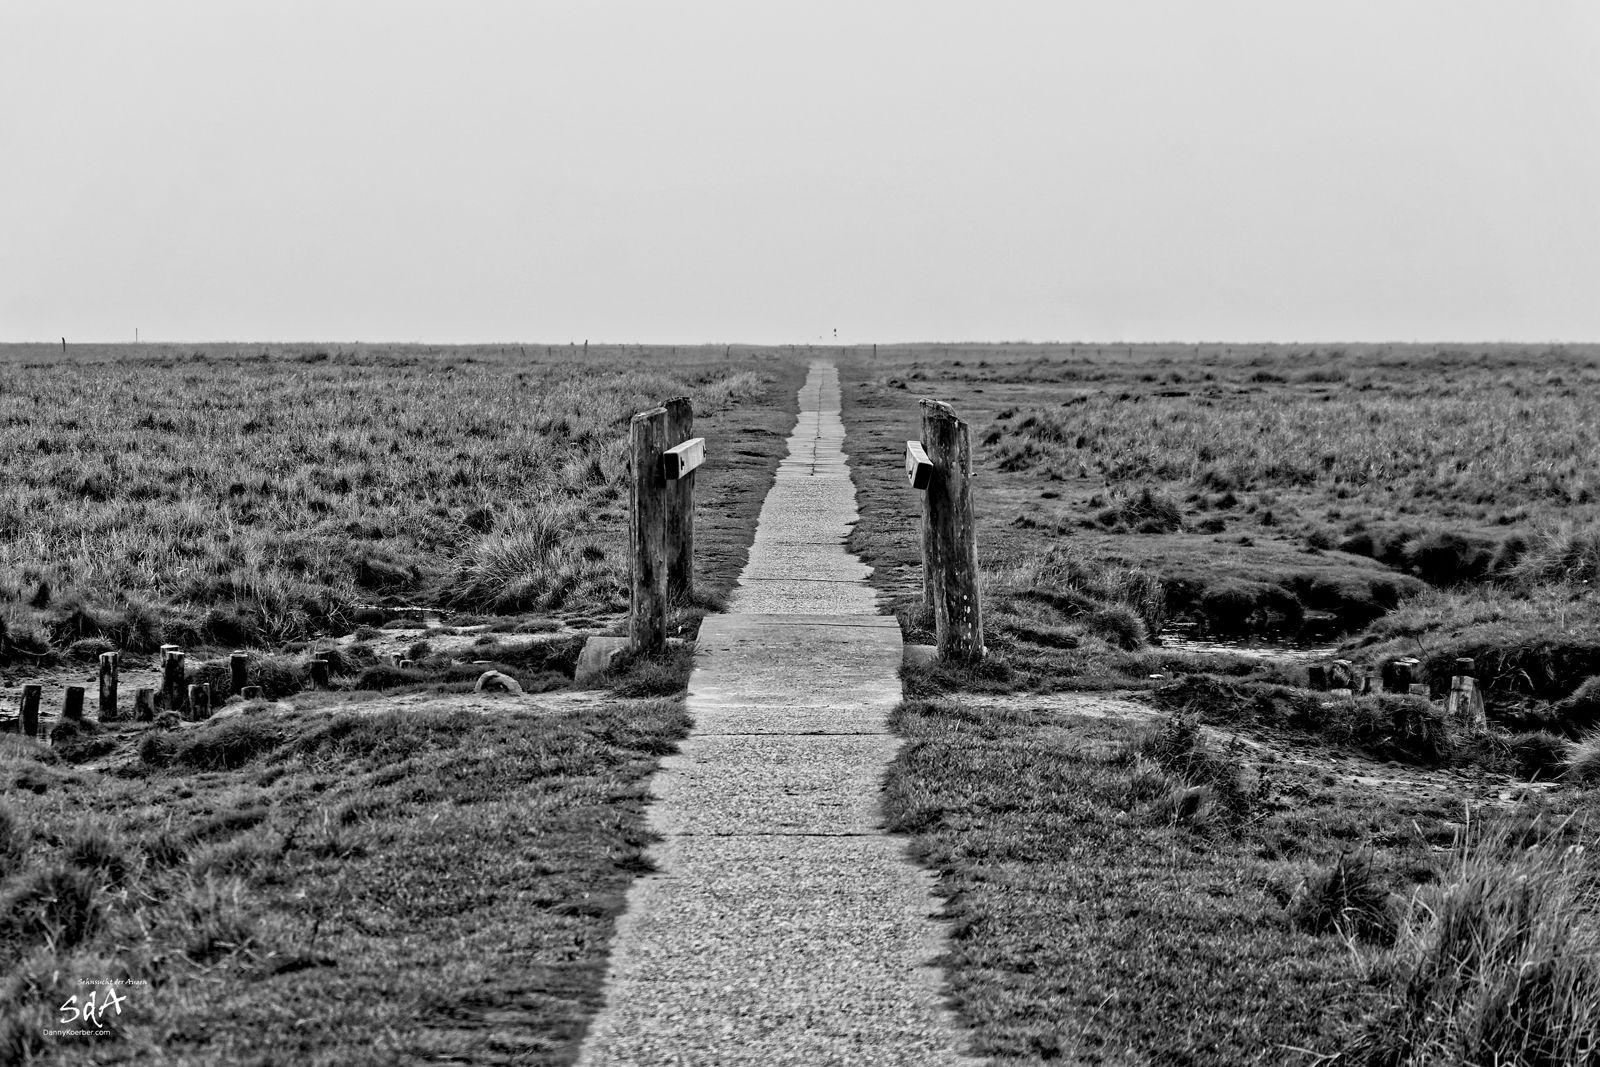 Der lange Weg, Schwarz Weiß Fotografie von Danny Koerber.